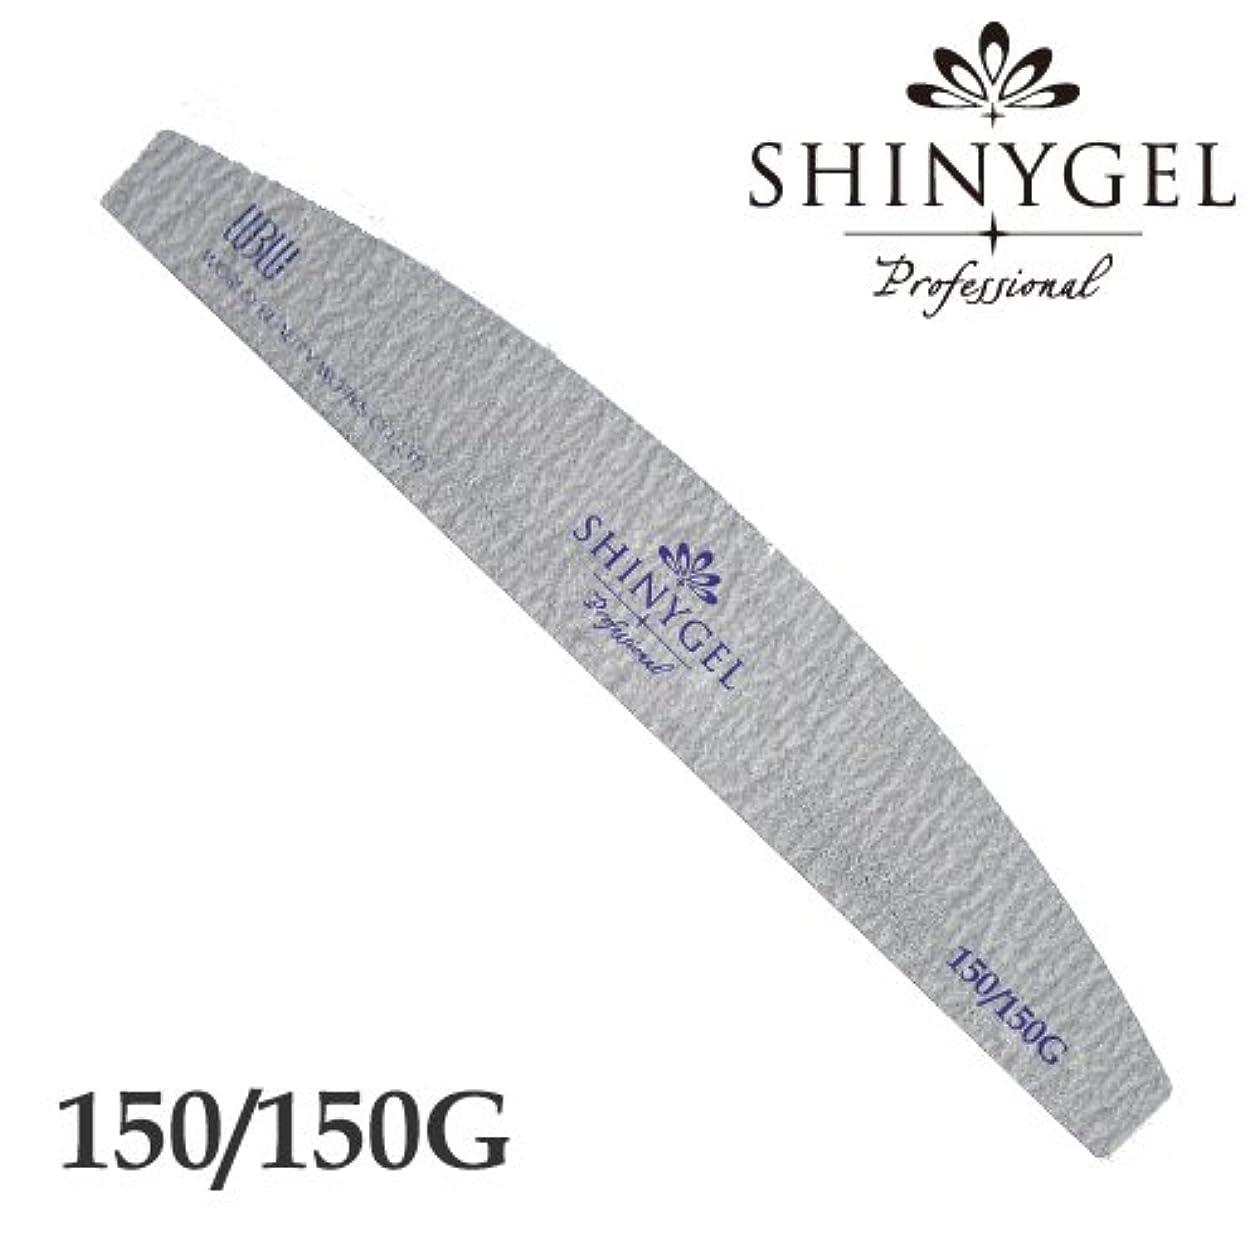 魅惑するグロー不毛のSHINYGEL Professional シャイニージェルプロフェッショナル ゼブラファイル ブラック(アーチ型) 150/150G ジェルネイル 爪やすり